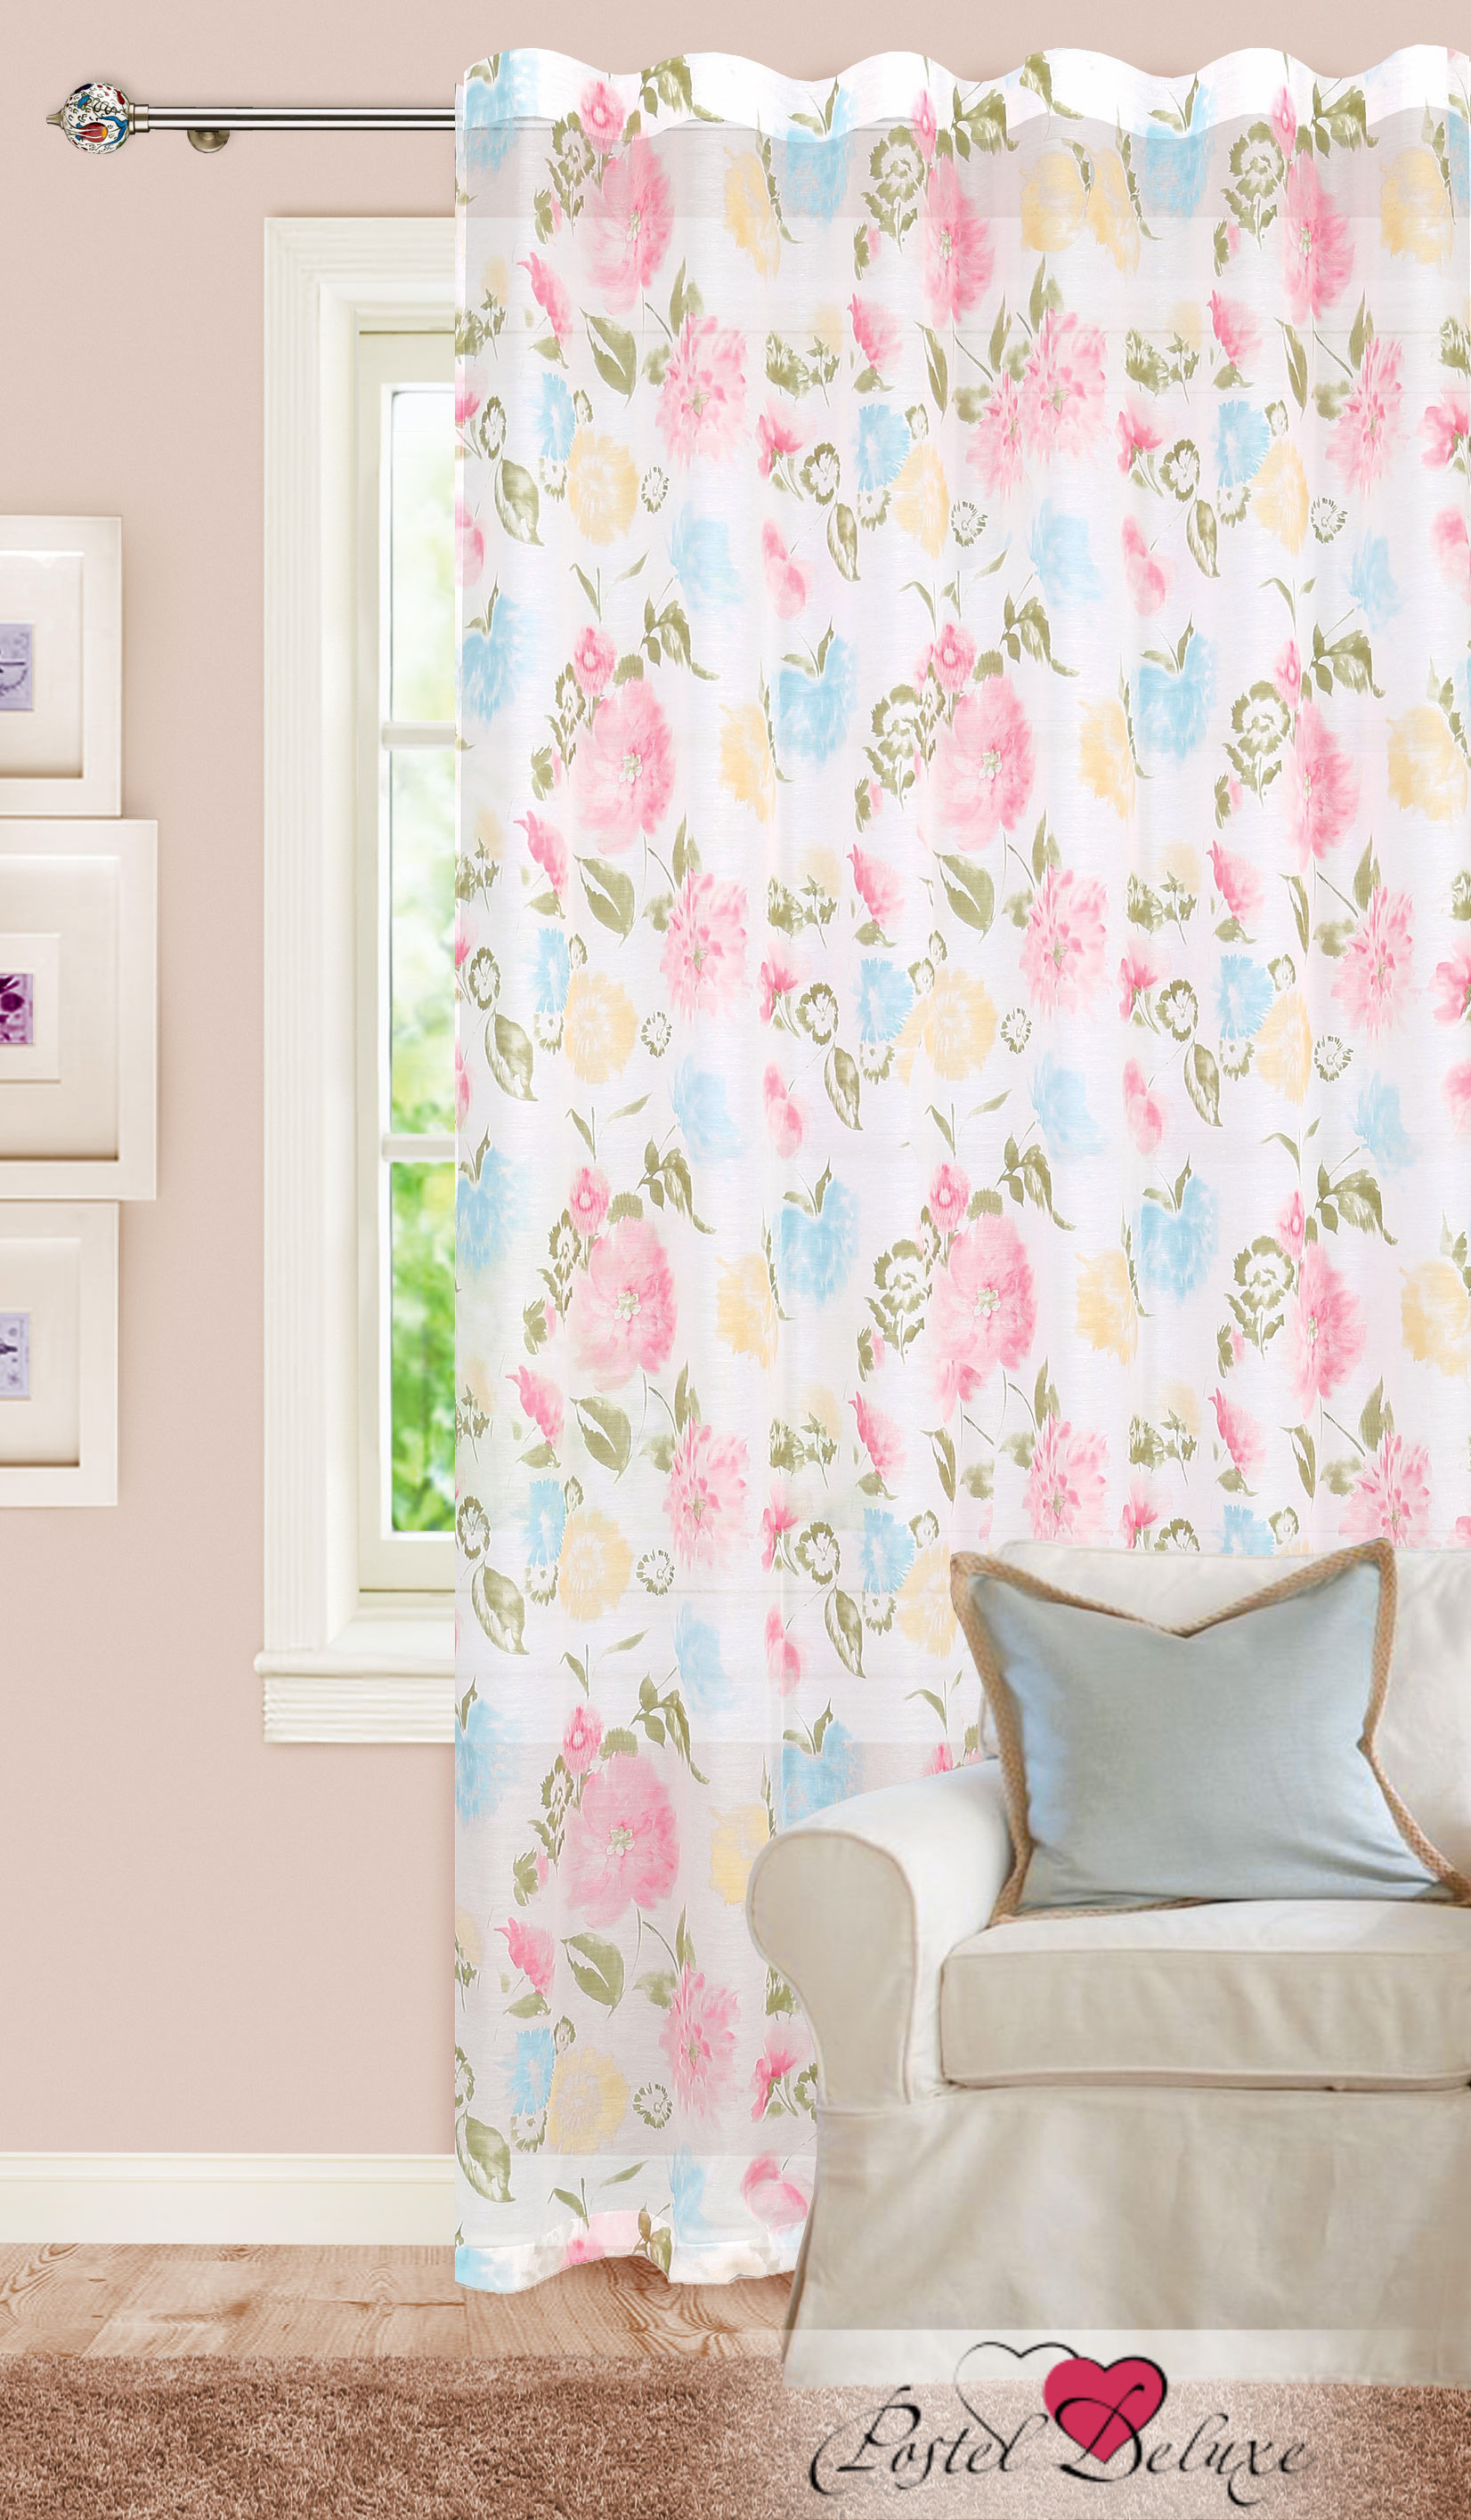 Шторы Garden Классические шторы Букет Цвет: Розовый, Голубой, Персиковый garden garden классические шторы полевые вьюнки цвет розовый